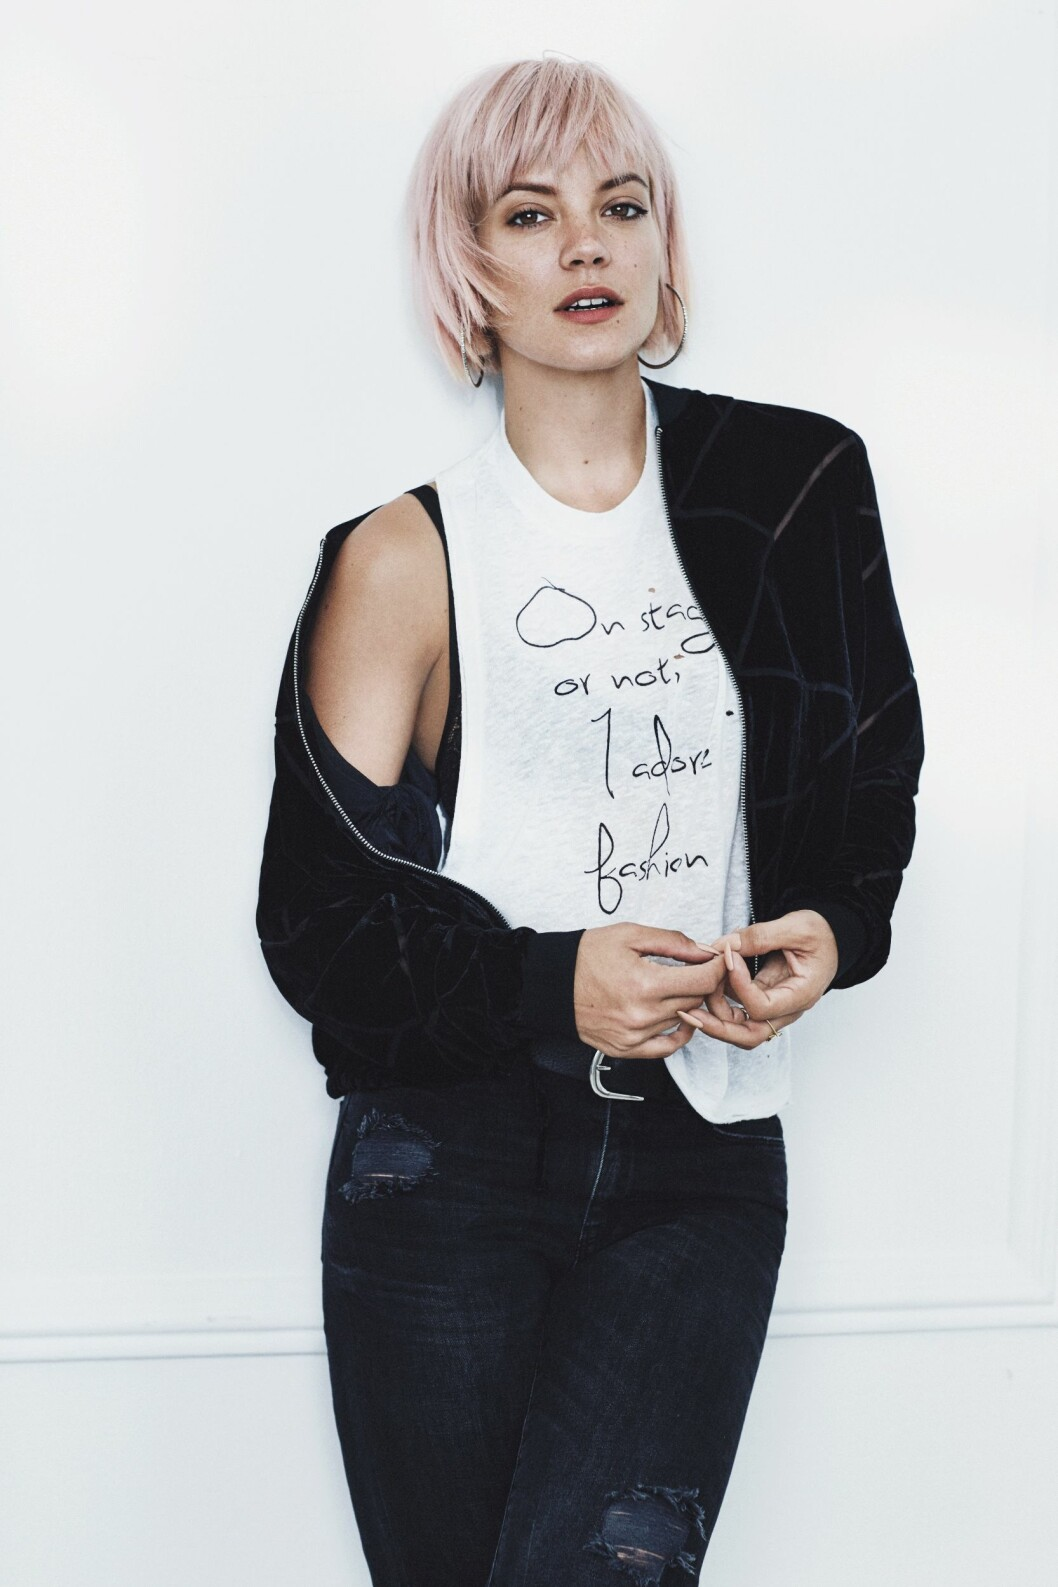 Lily Allen x Vero Moda Foto: Vero Moda